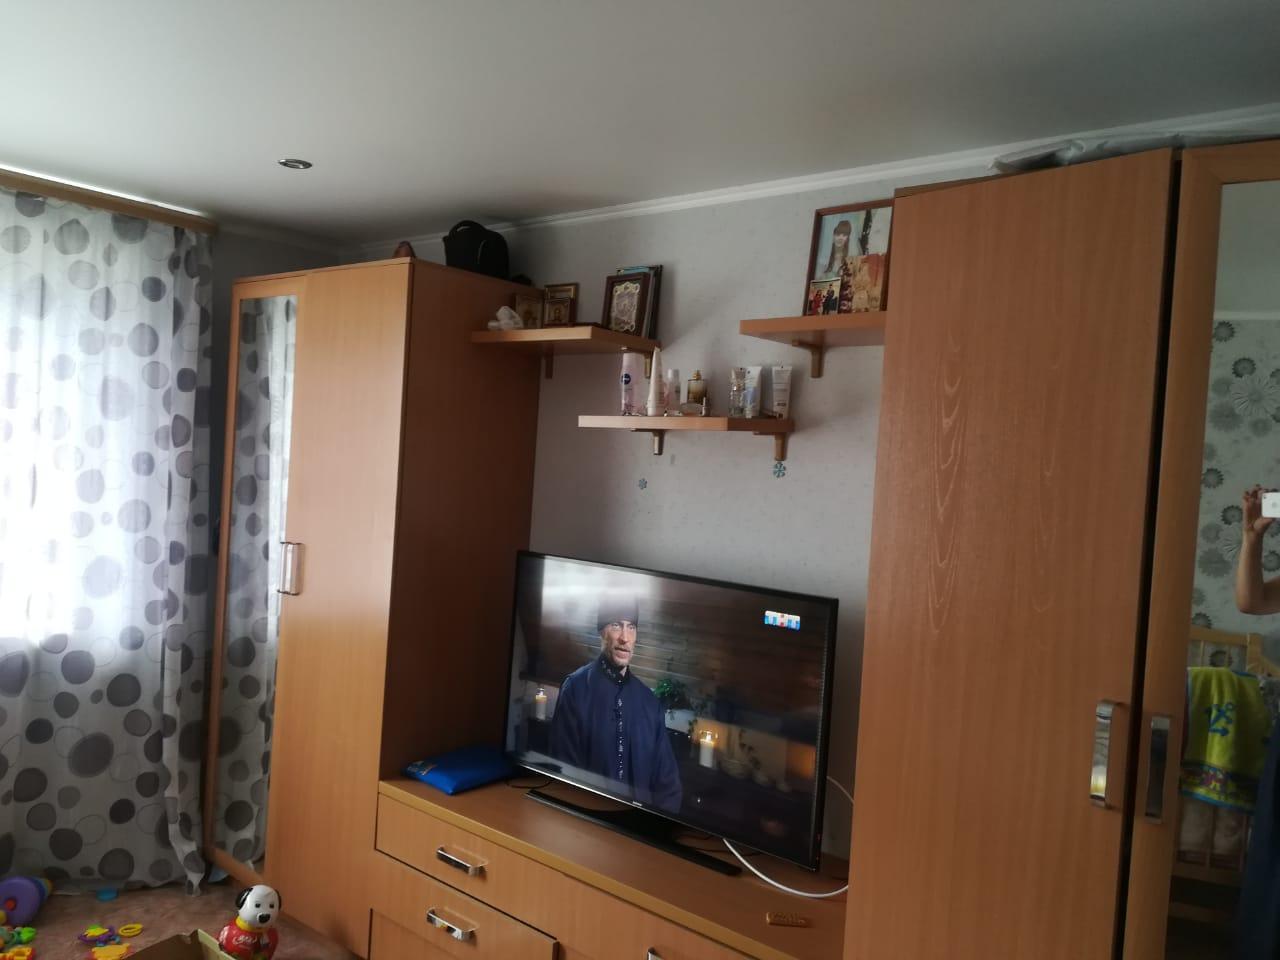 Дом на продажу по адресу Россия, Алтайский край, р-н. Косихинский, п. Украинский, ул. Малая